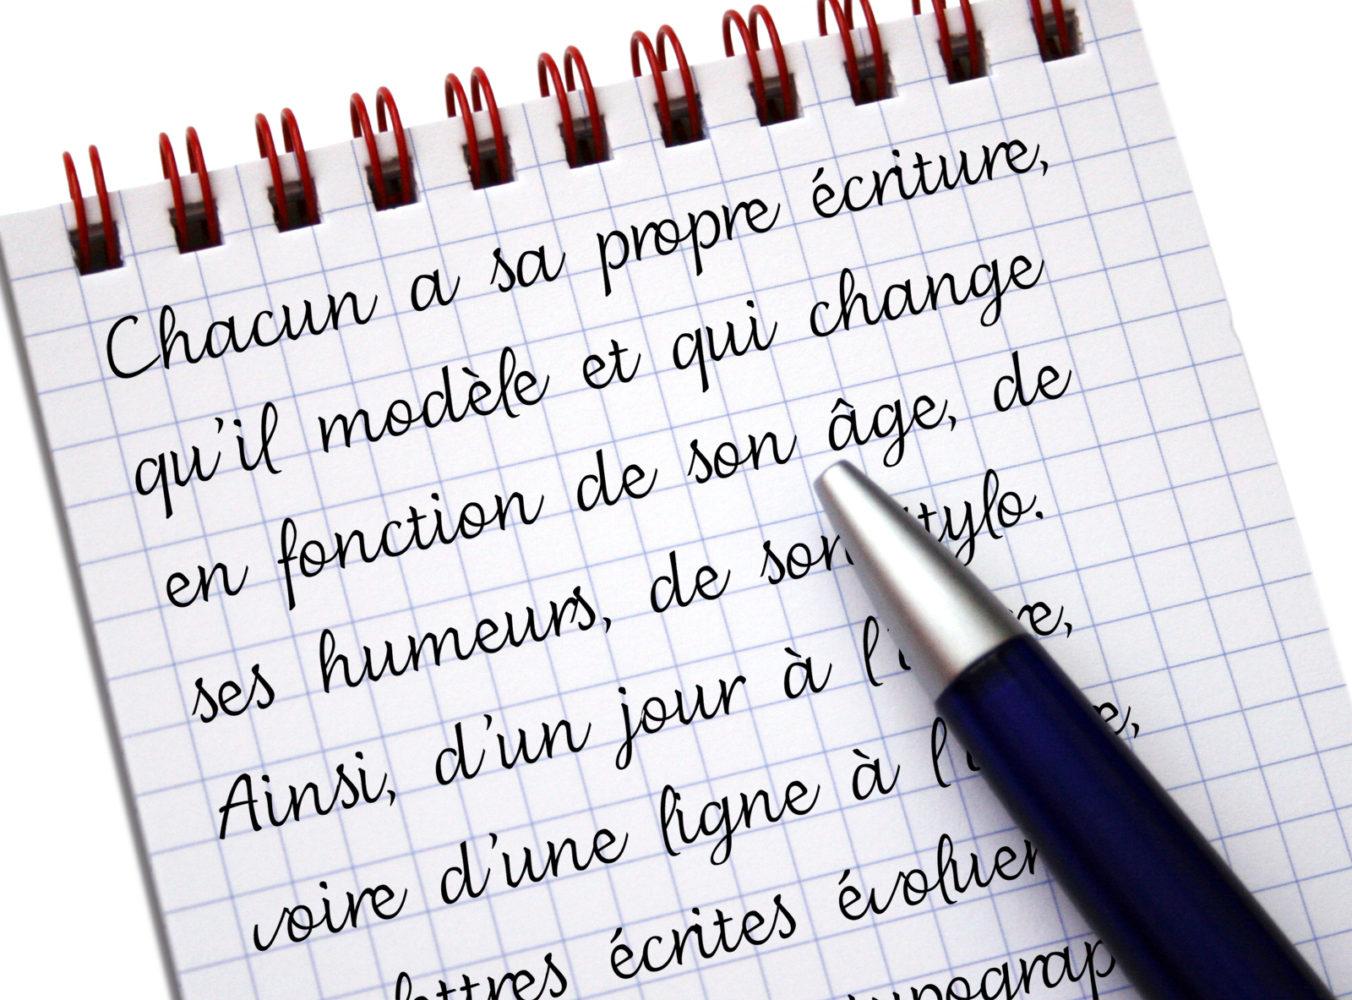 Adrien-Alrivie-Typo-Ad-Scriptum-texte-HD